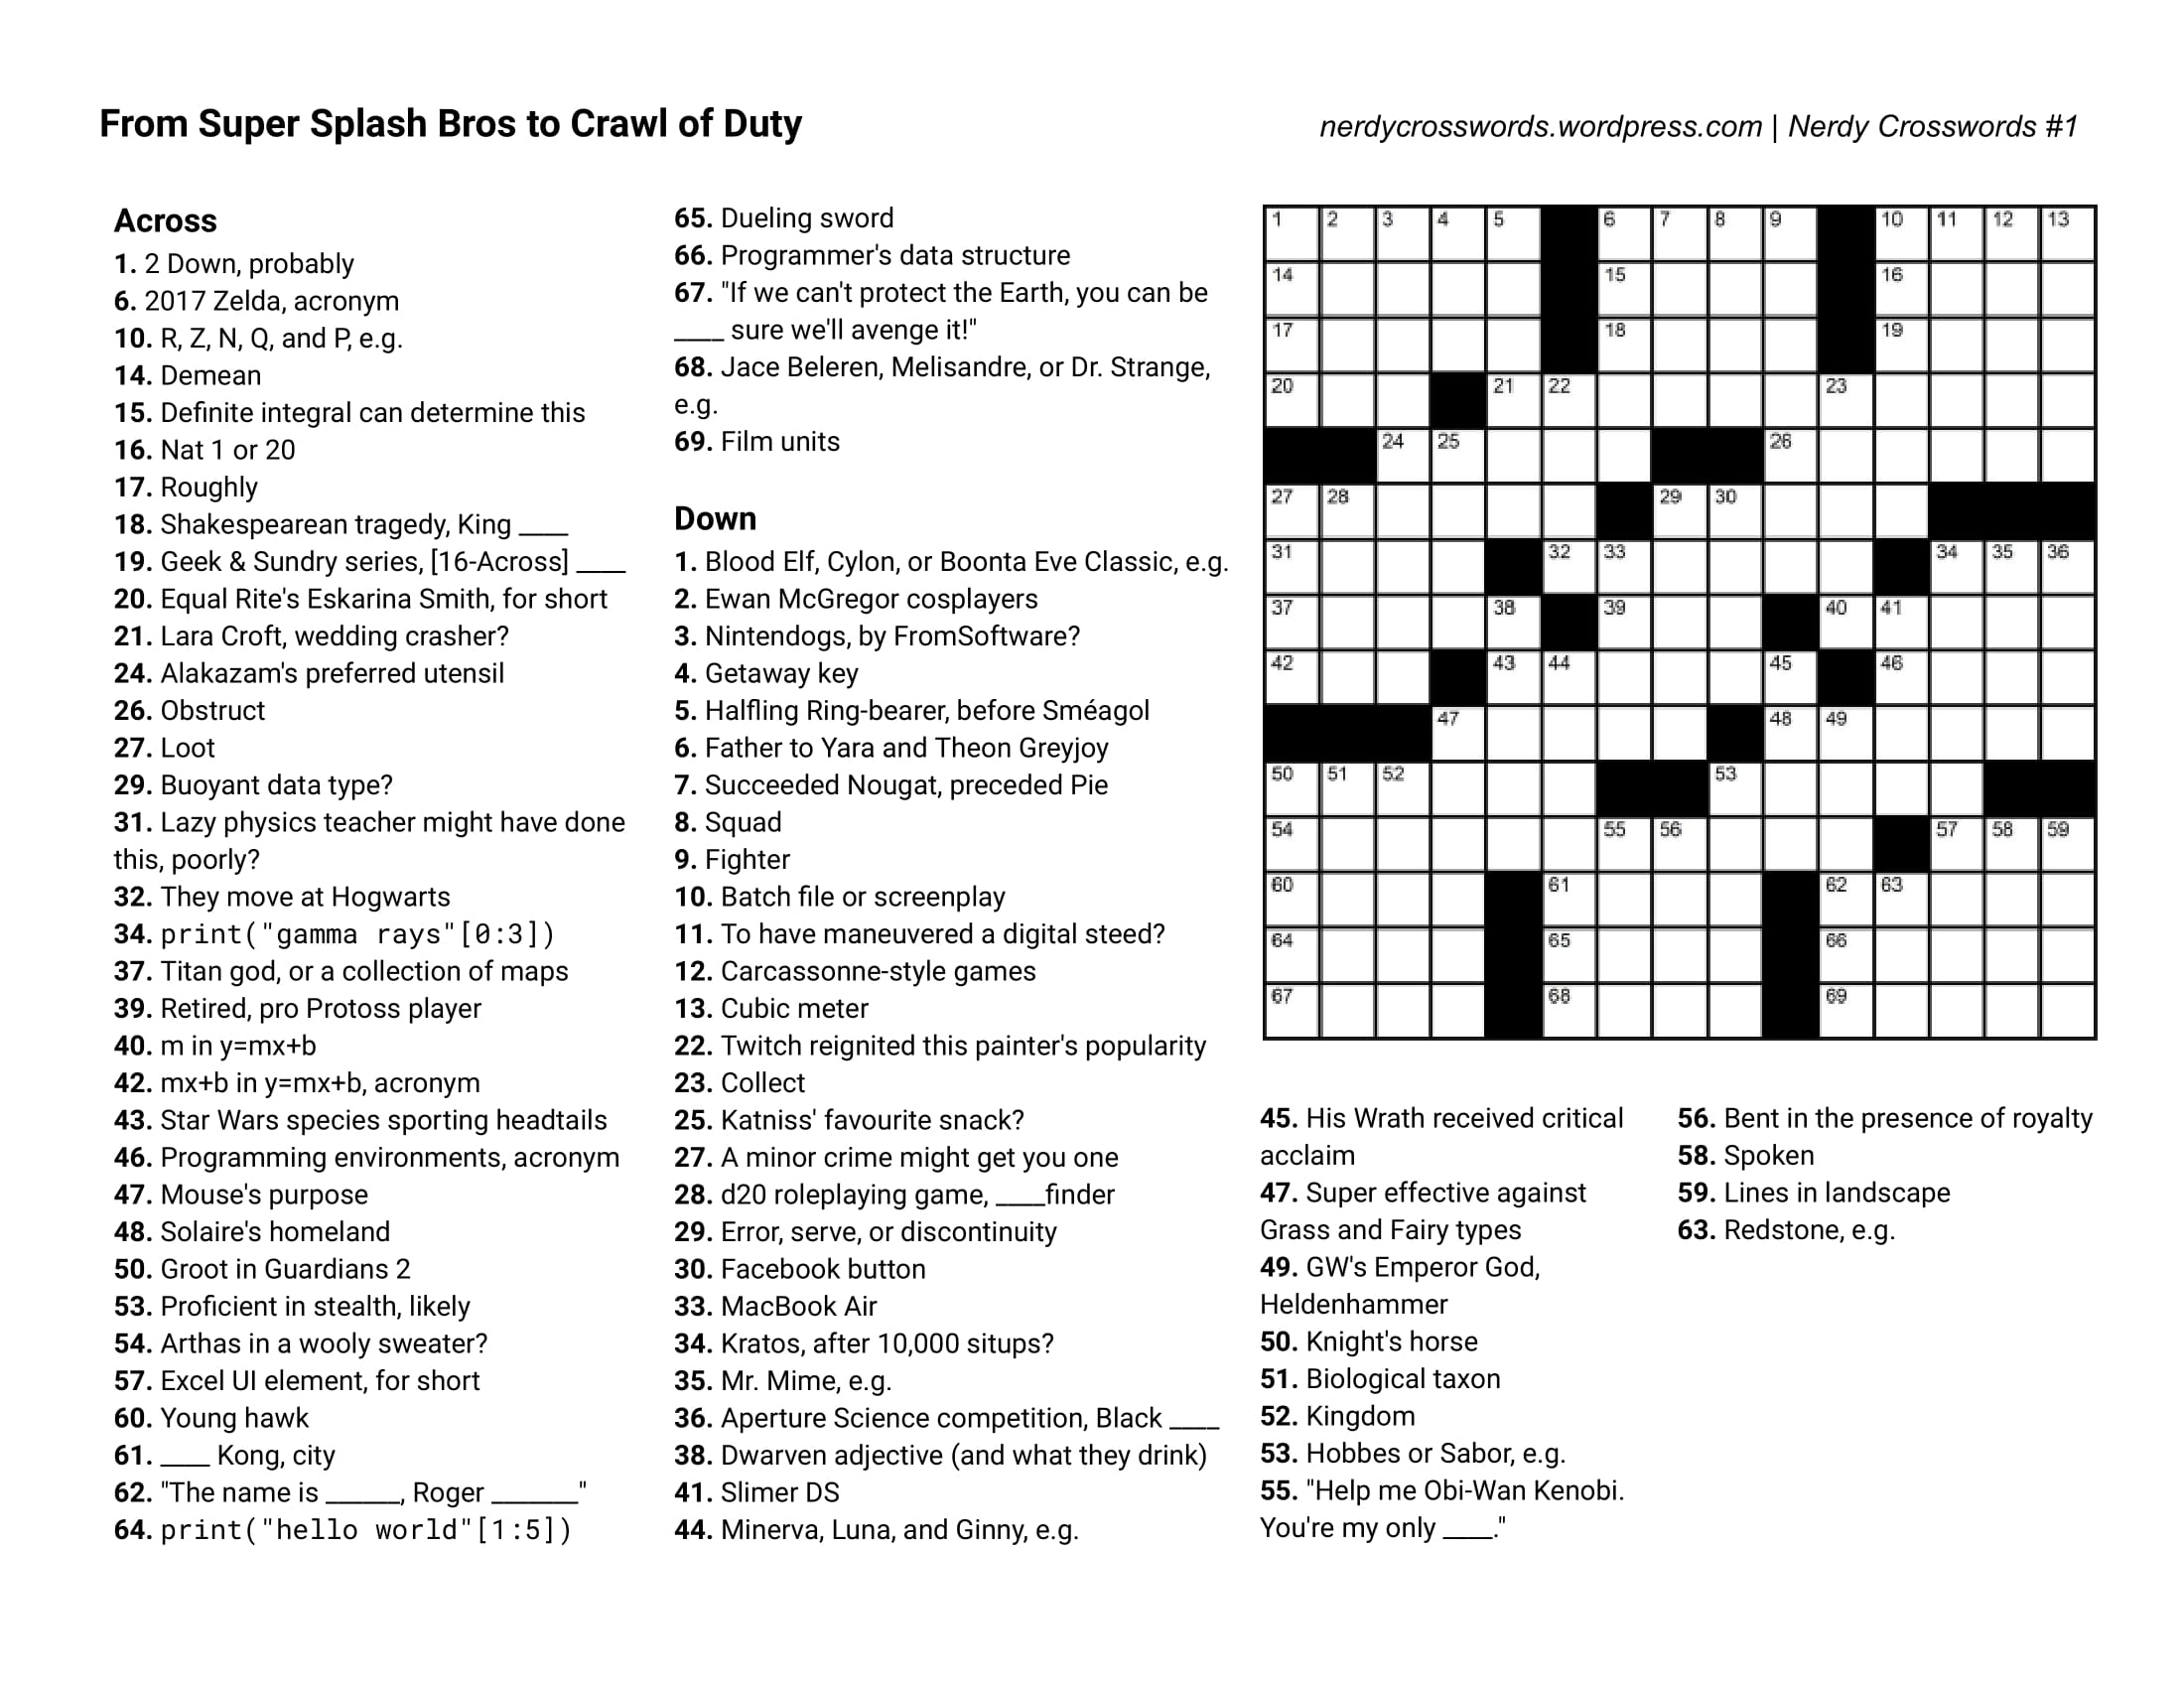 Crosswords Crossword Puzzles Printable Free Usa Today - Printable Crossword Puzzle For Today